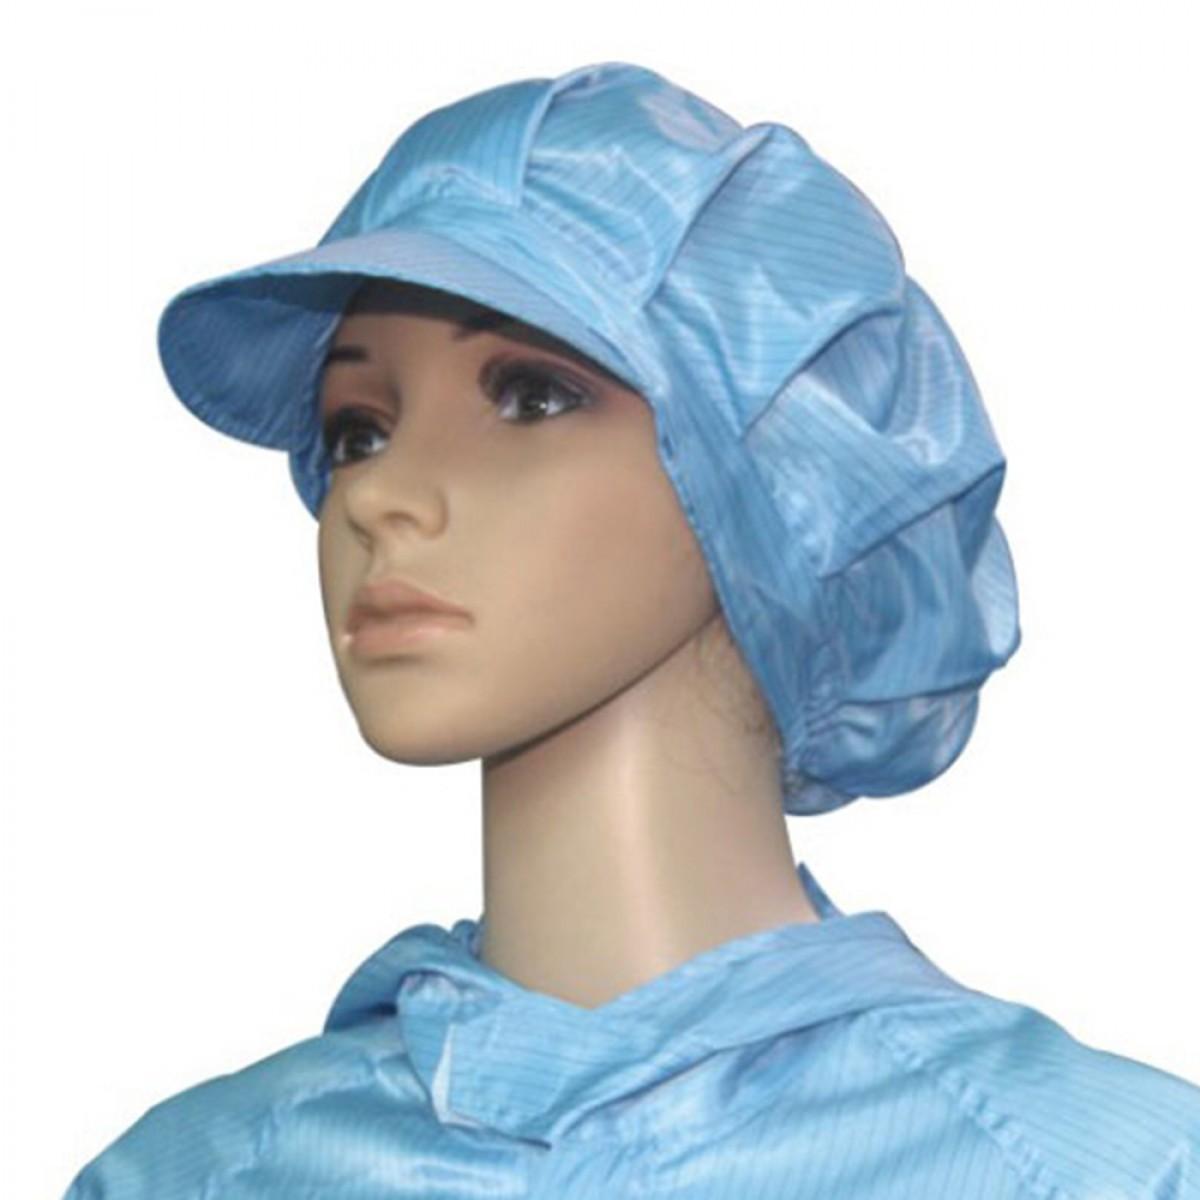 乐克严选 LEKOC 防静电小工帽RS-M008